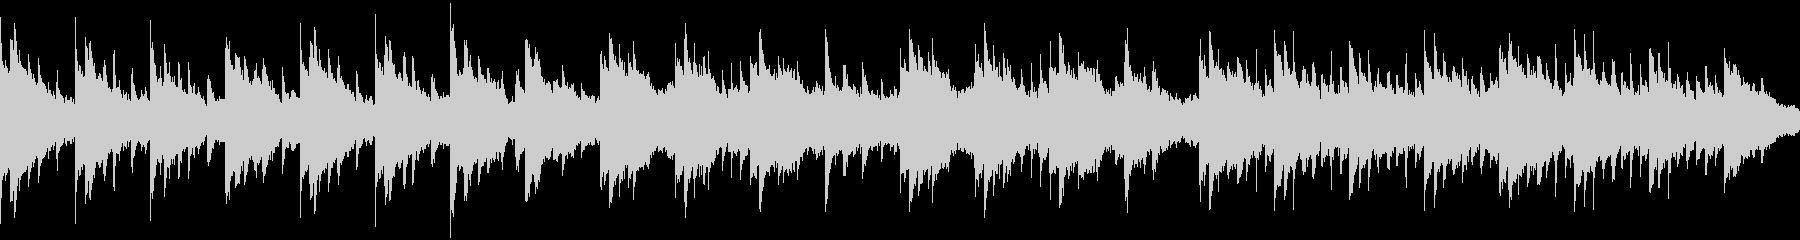 切ない、寂しい感じのピアノBGMの未再生の波形